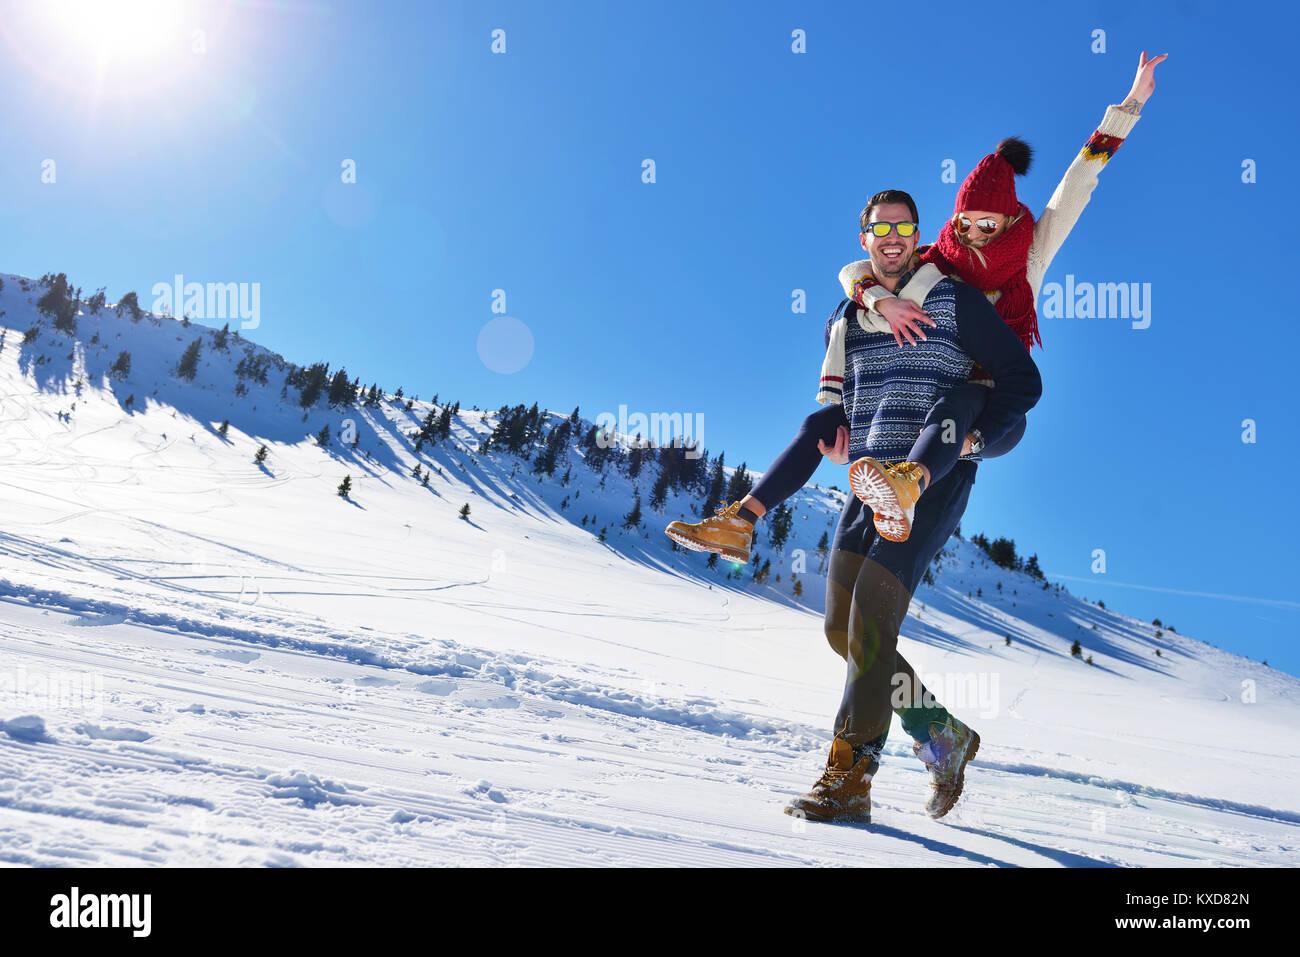 Coppia giovane divertirsi sulla neve. Felice l'uomo alla montagna dando piggyback ride per la sua ragazza sorridente. Immagini Stock